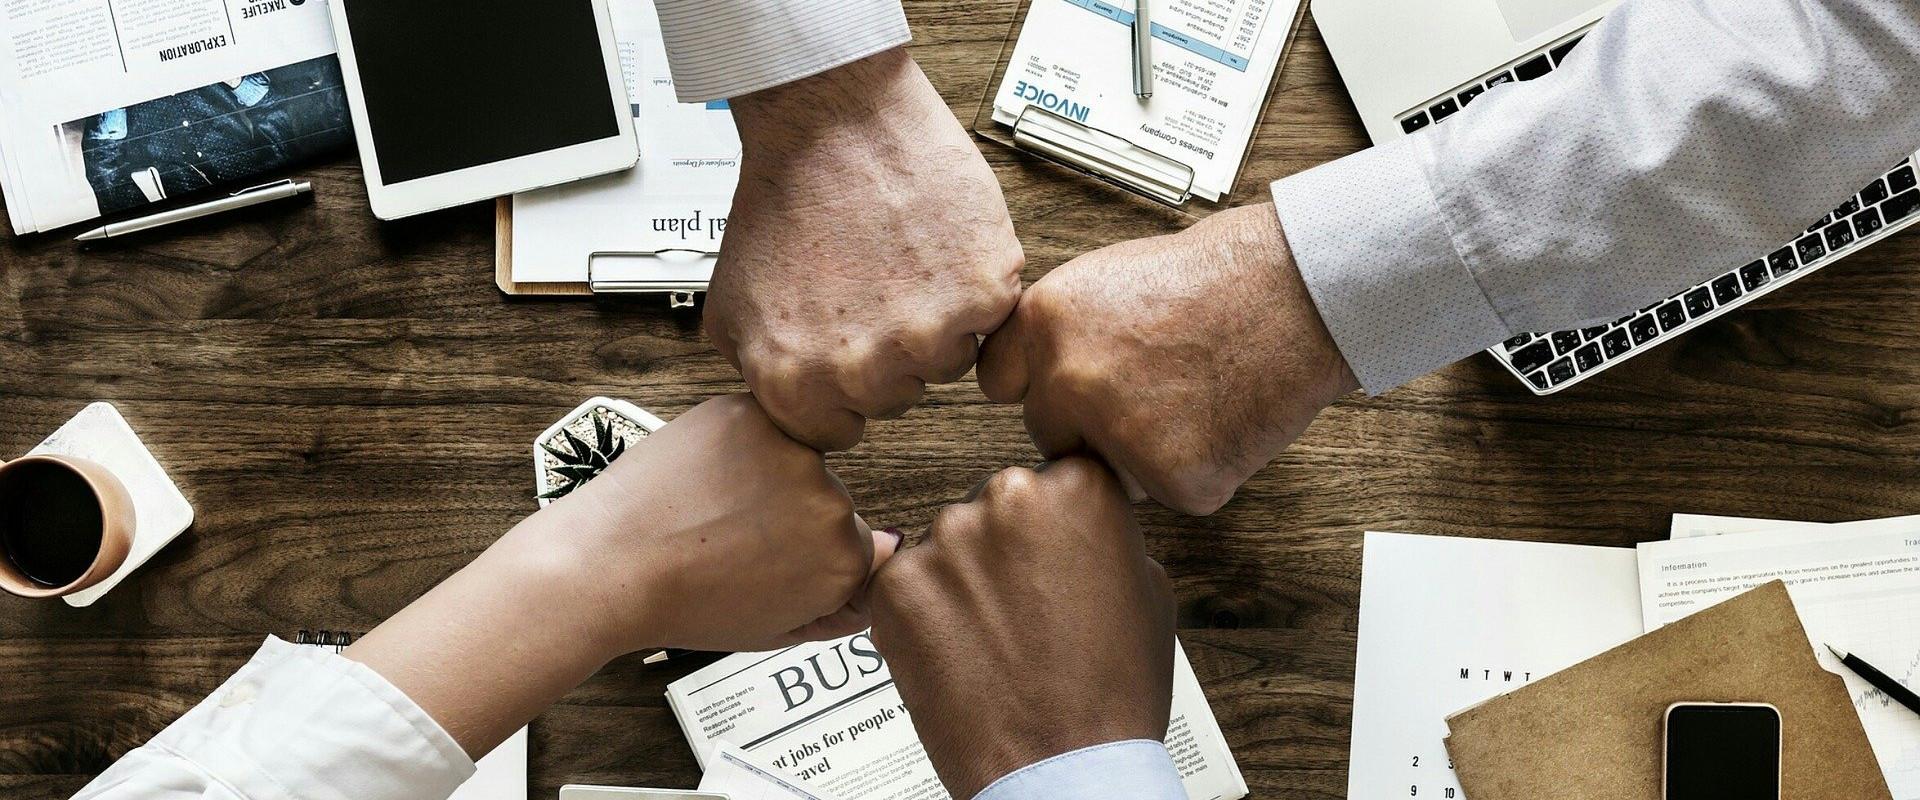 team building - réunion d'équipe